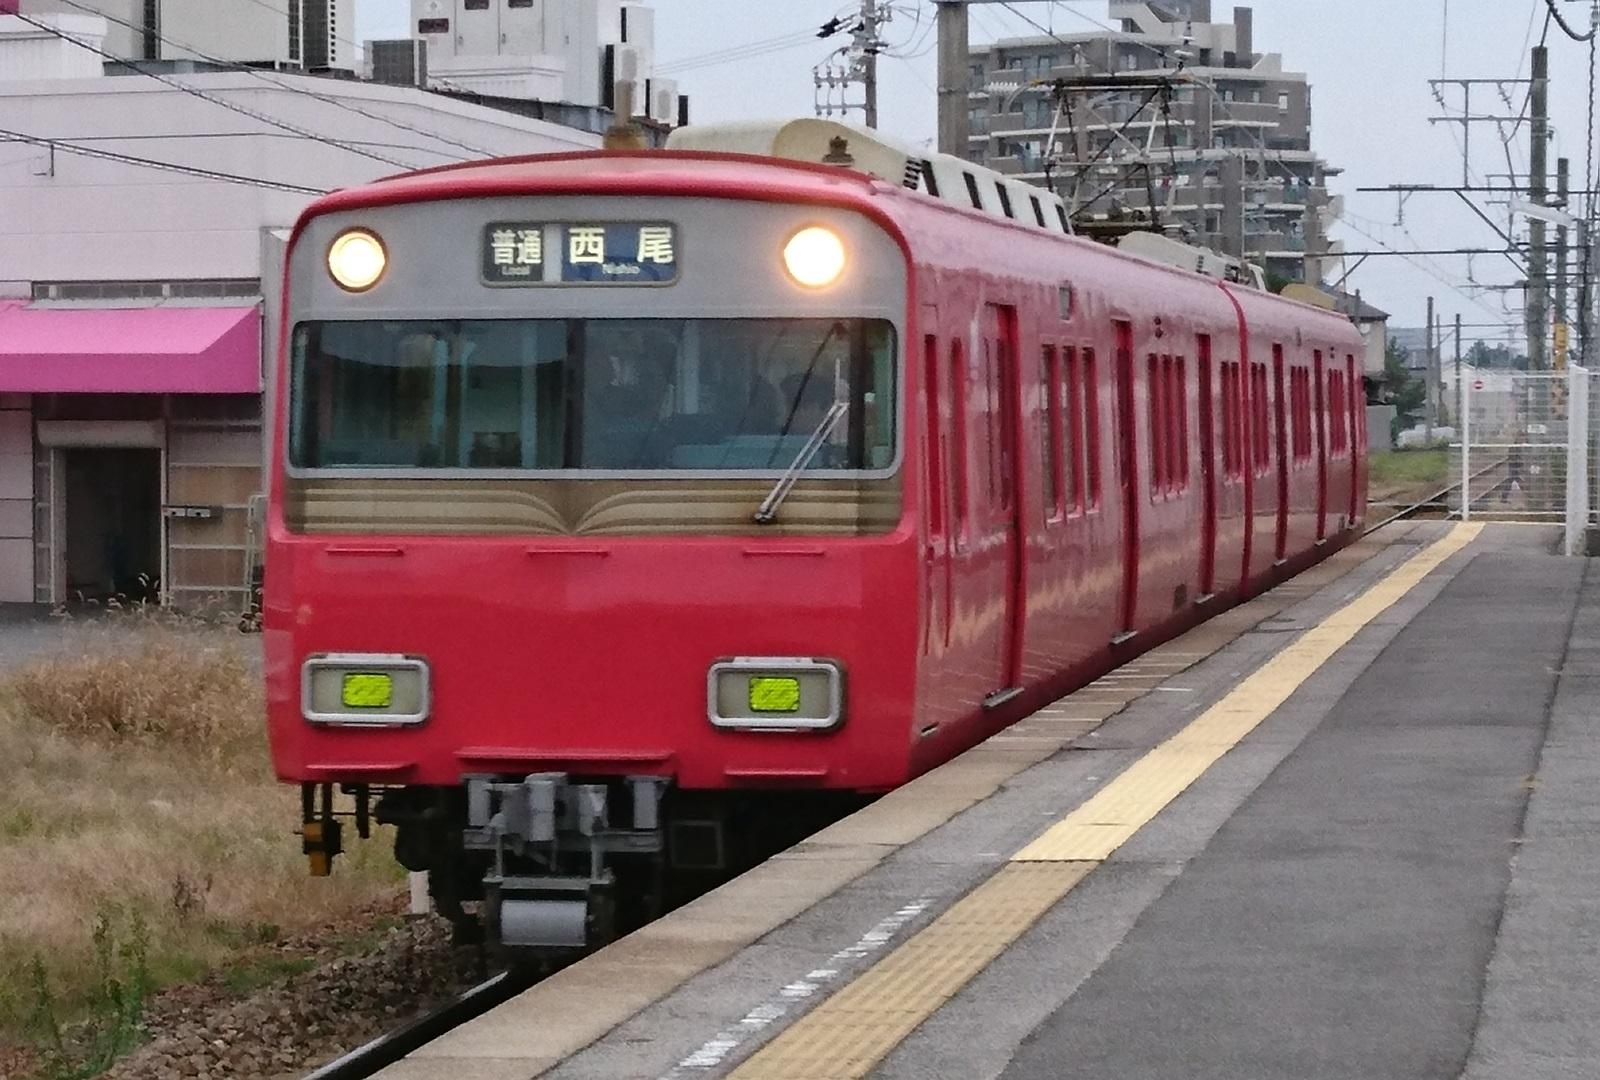 2016.12.4 (2) 古井 - 西尾いきふつう(6804)1600-1080